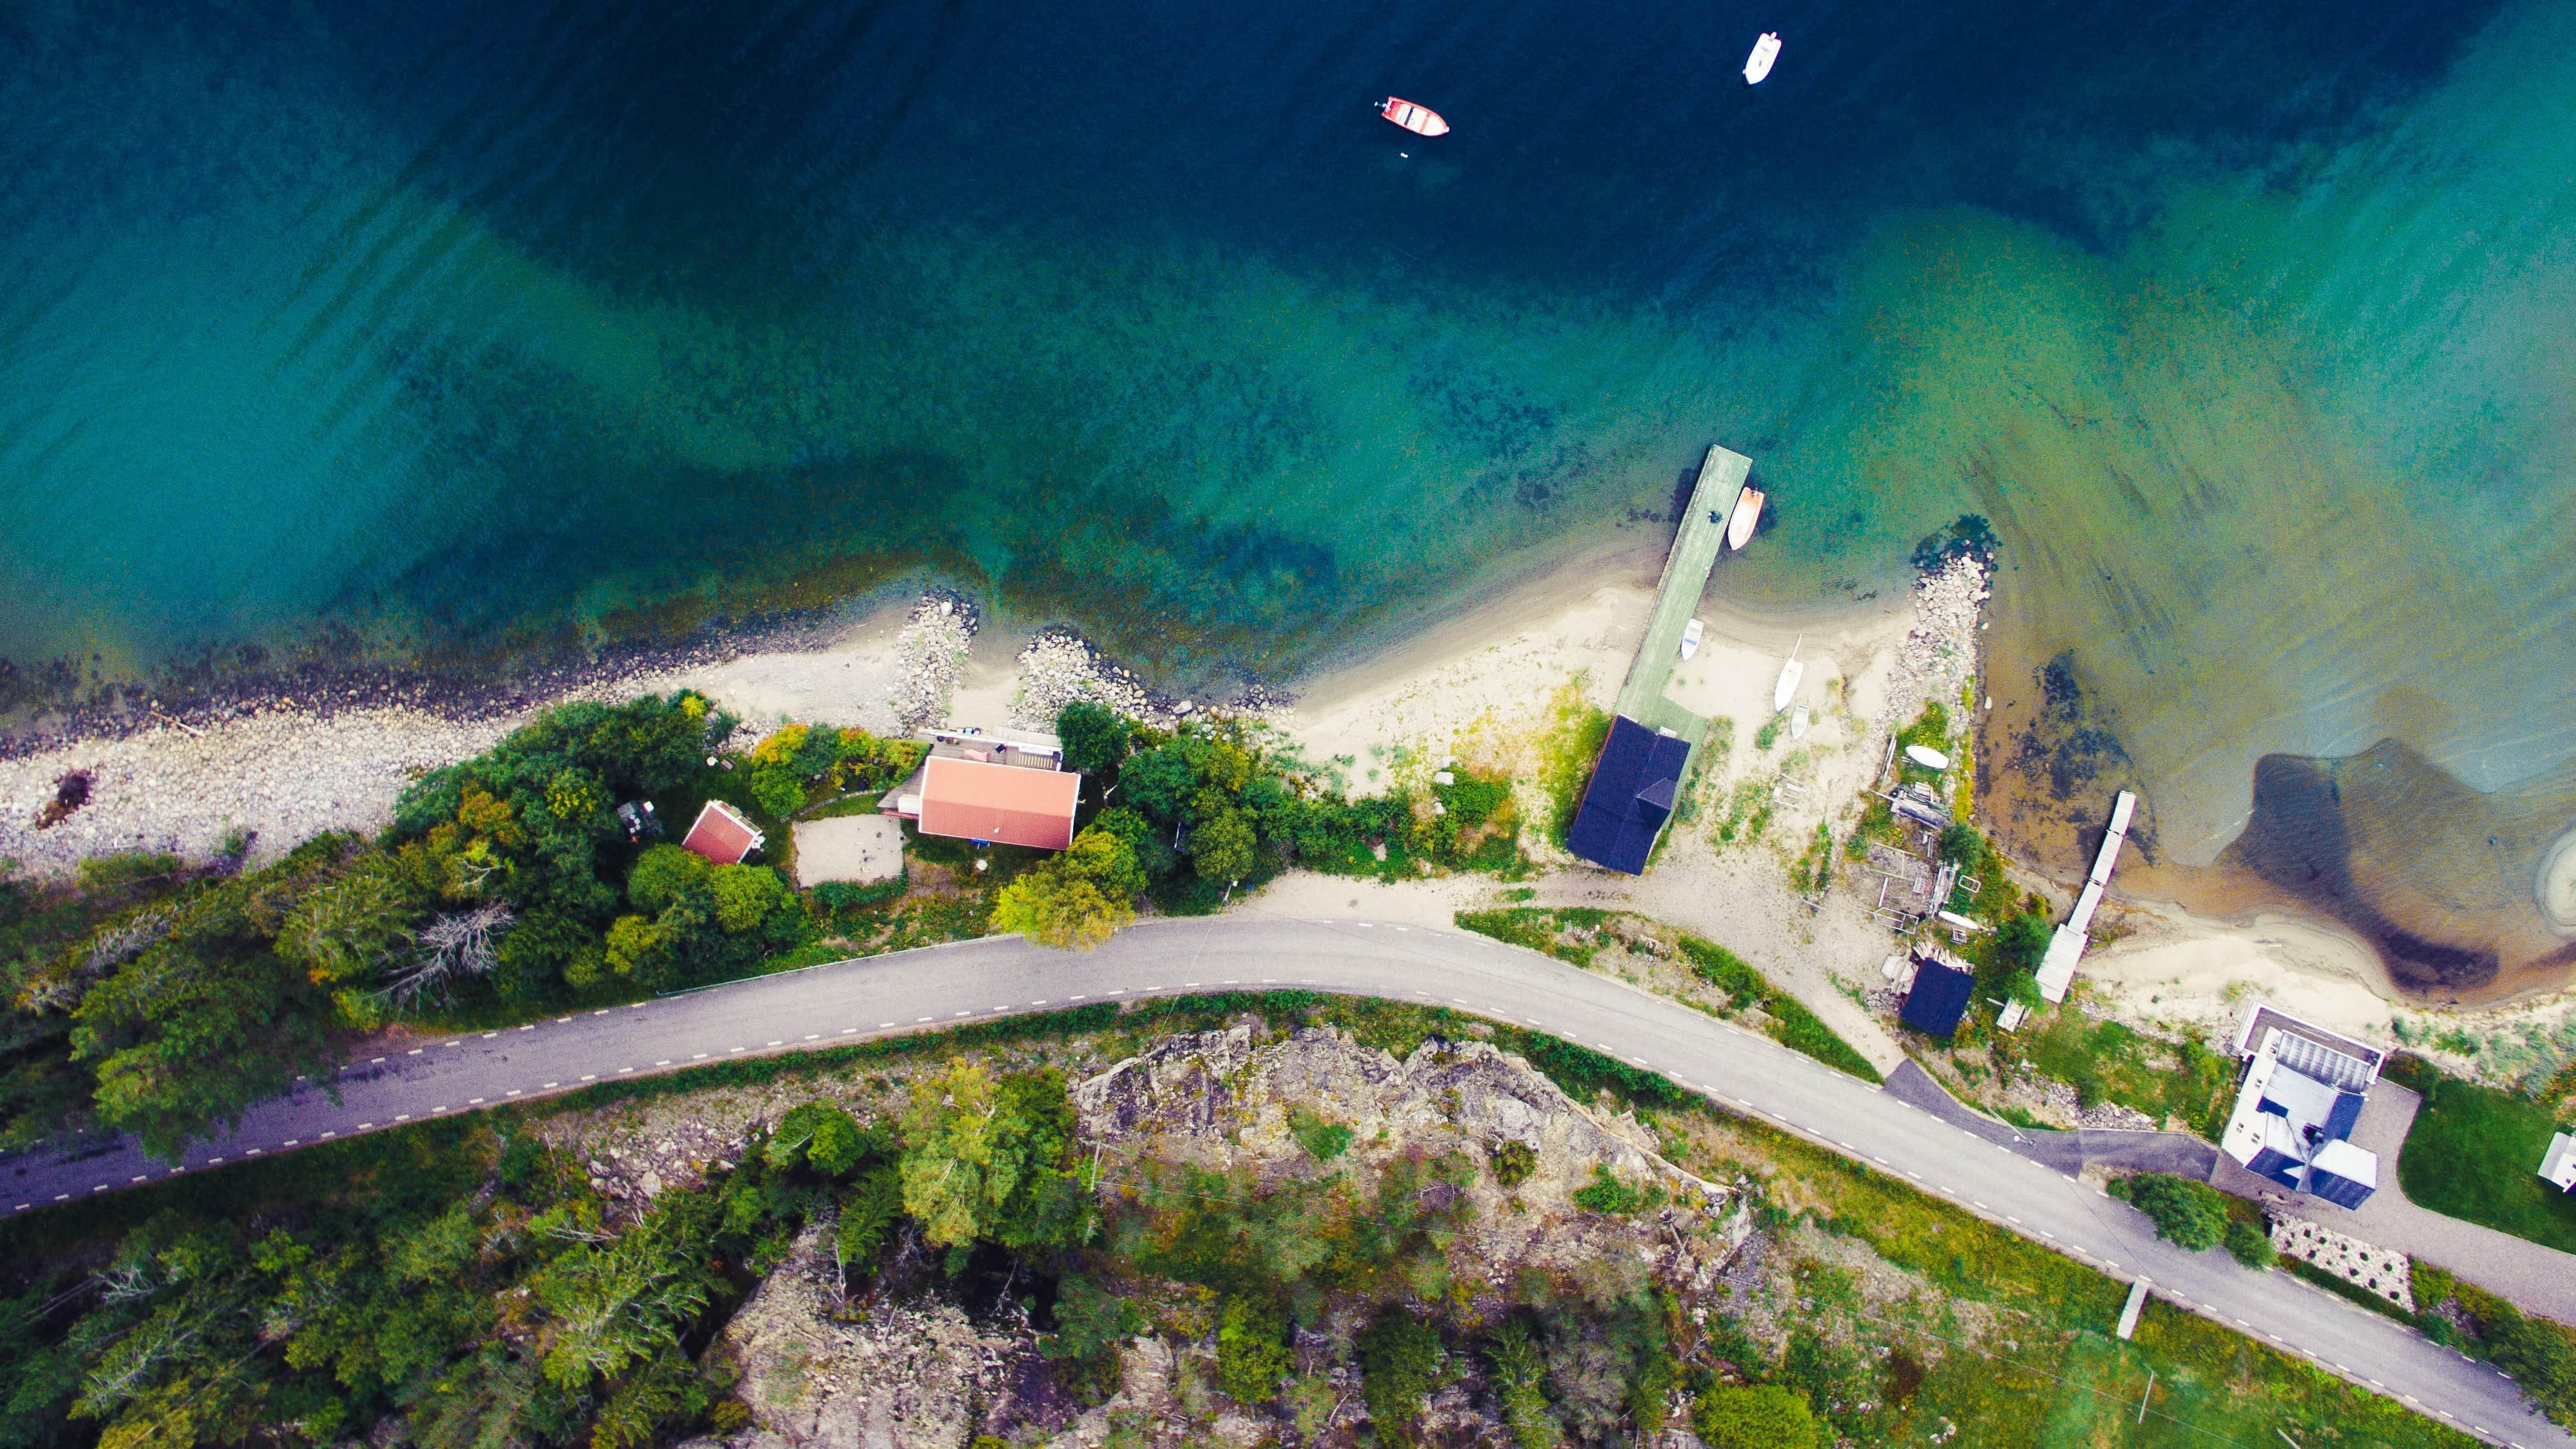 Die Insel Alnö ist nur durch eine schmale Meeresenge von der Stadt Sundsvall getrennt.